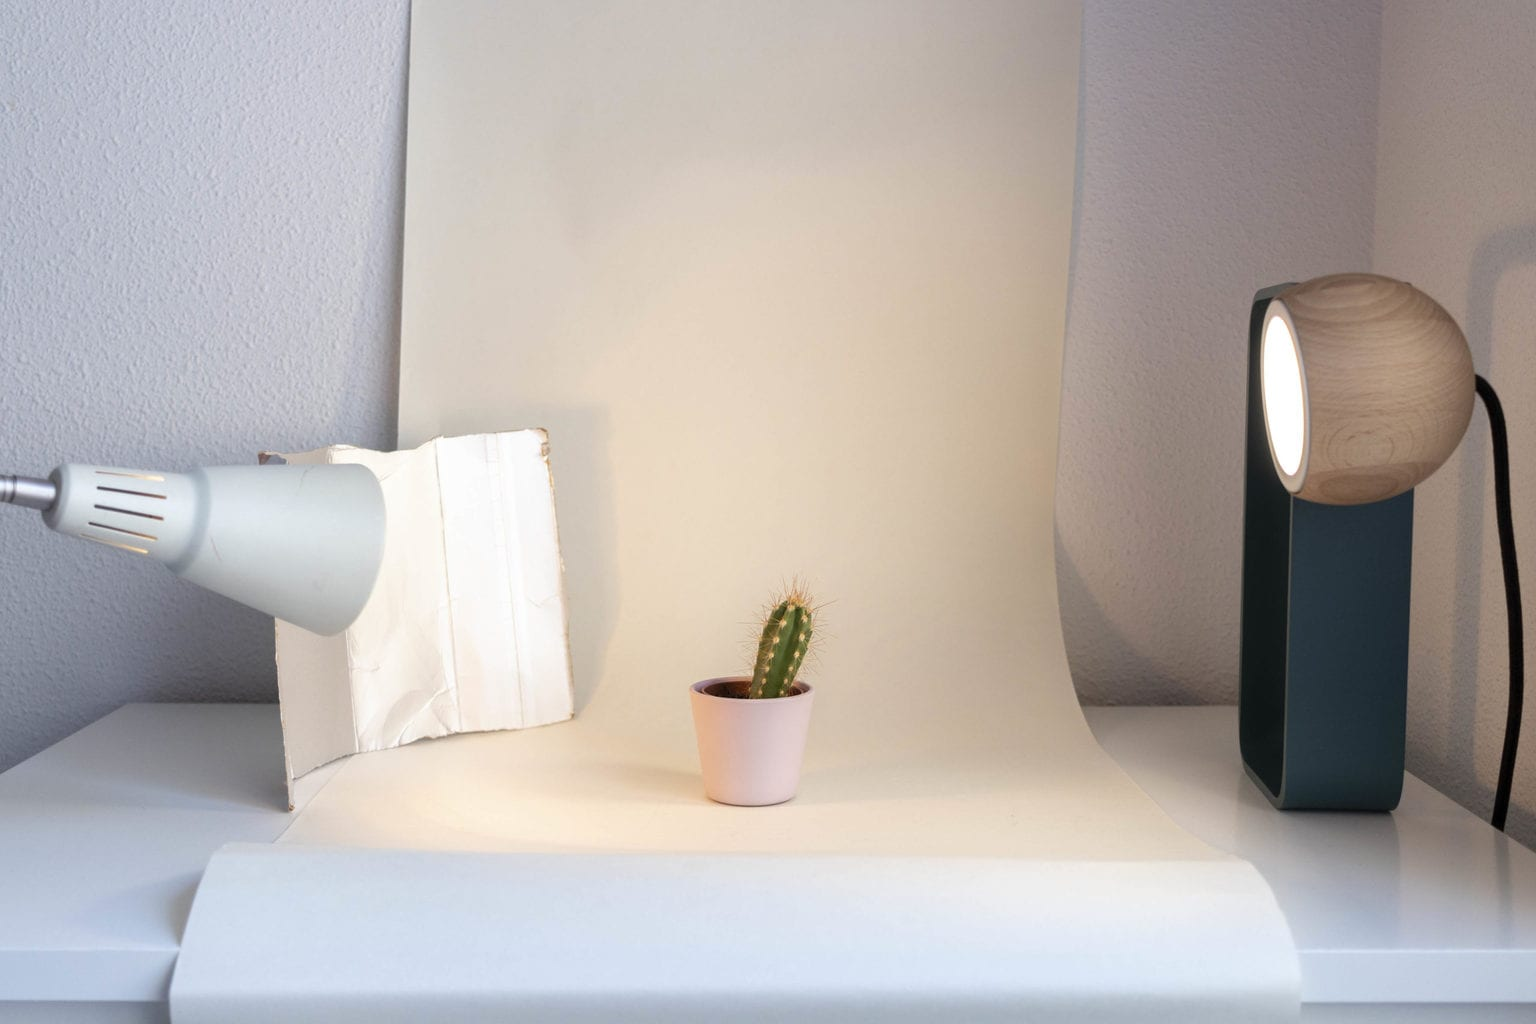 Estudio de fotografía casero